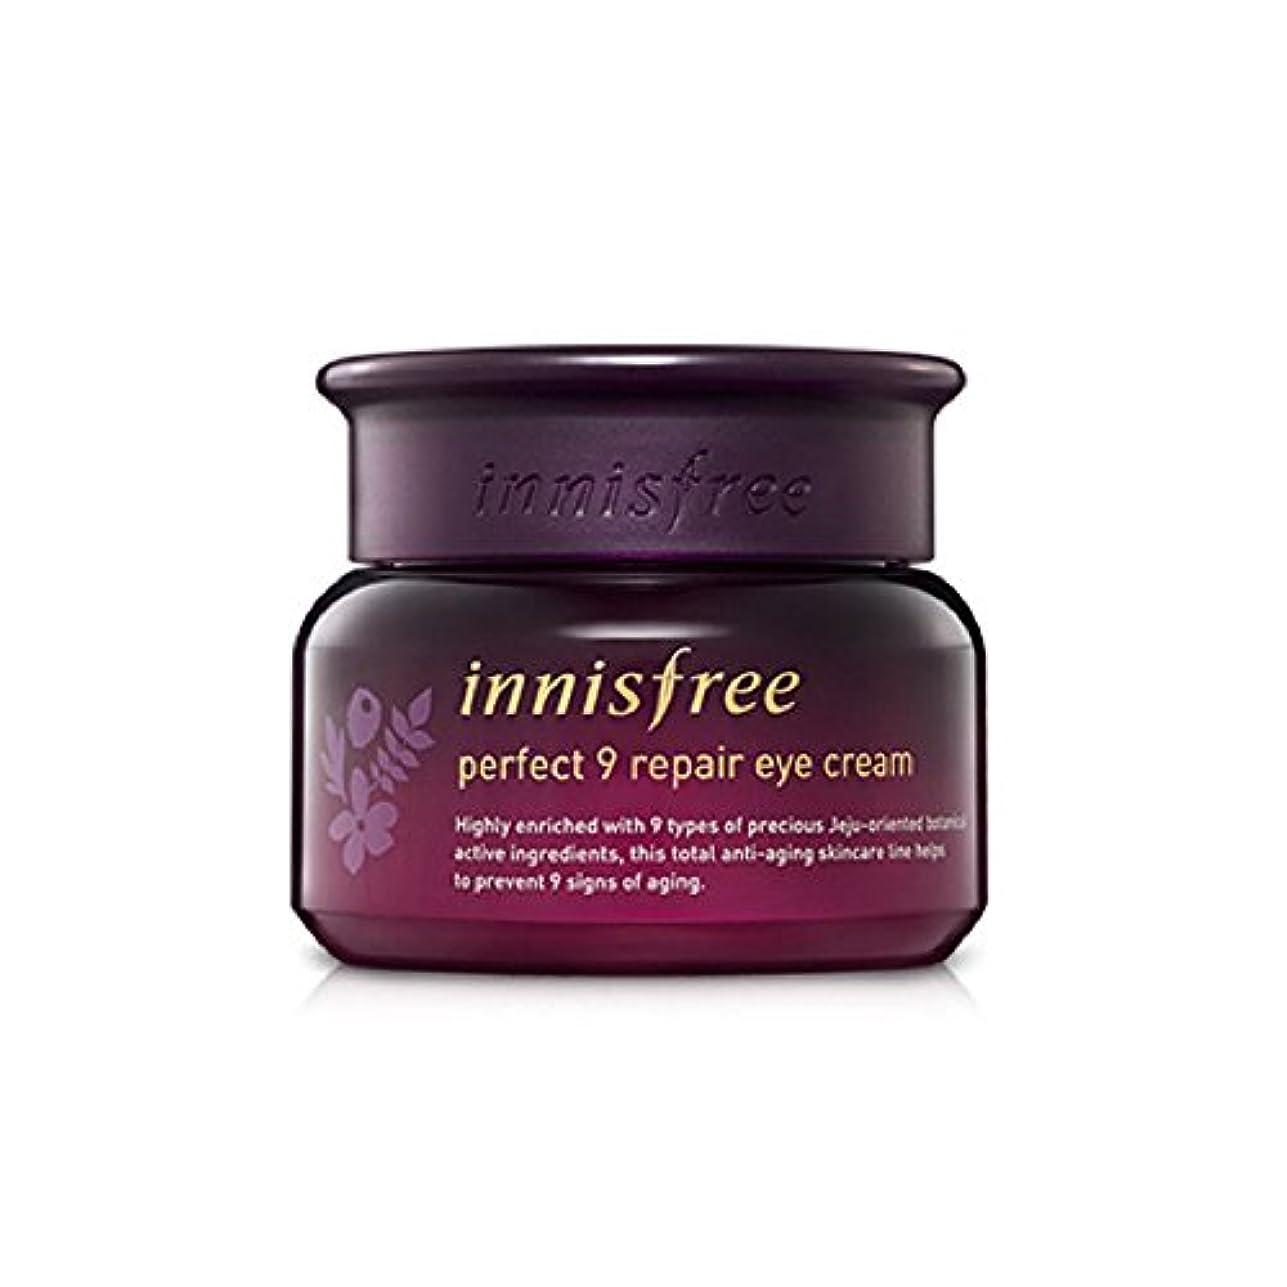 ピット垂直寄生虫イニスフリー Innisfree パーフェクト9 リペアアイクリーム(30ml) Innisfree Perfect 9 Repair Eye Cream(30ml) [海外直送品]